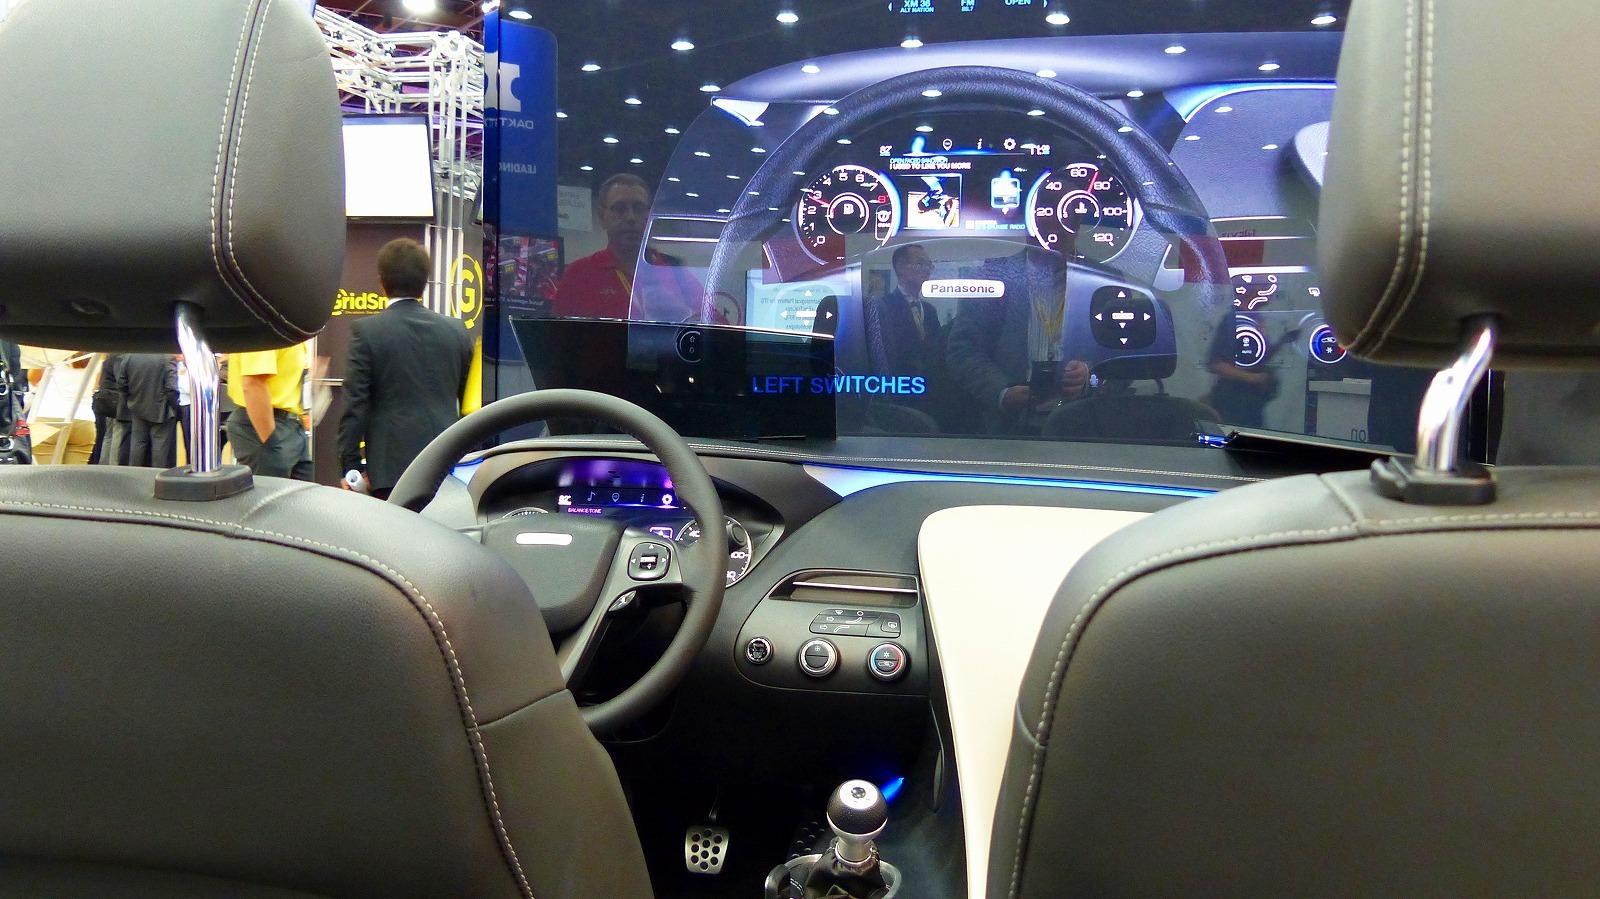 """Résultat de recherche d'images pour """"Panasonic vehicle advanced technologies,"""""""